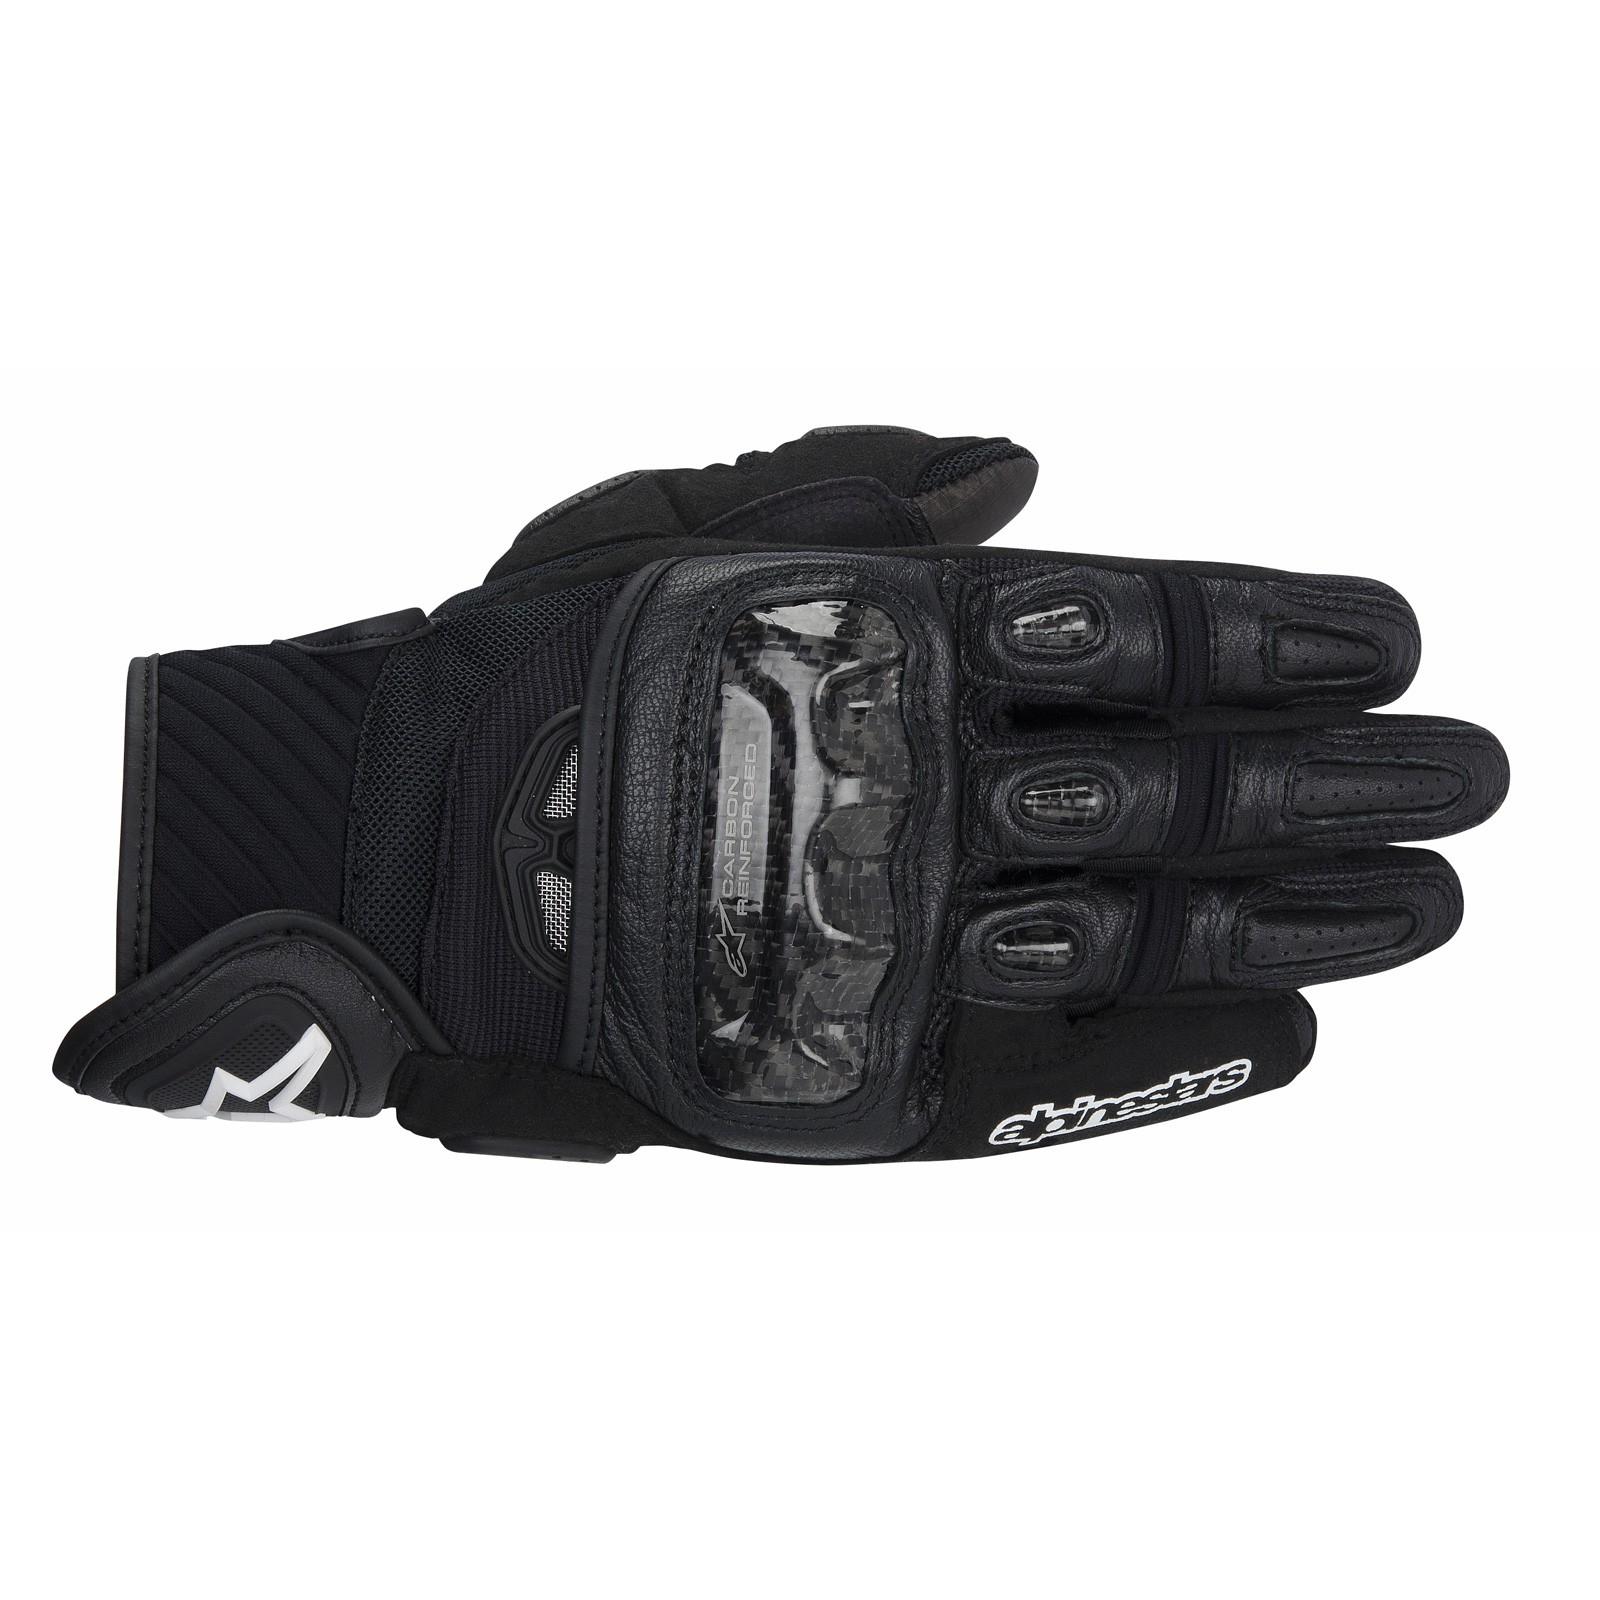 Alpinestars GP-Air Handschuh schwarz als Tagesdeal bei Hein-Gericke ab heute 20.00 Uhr